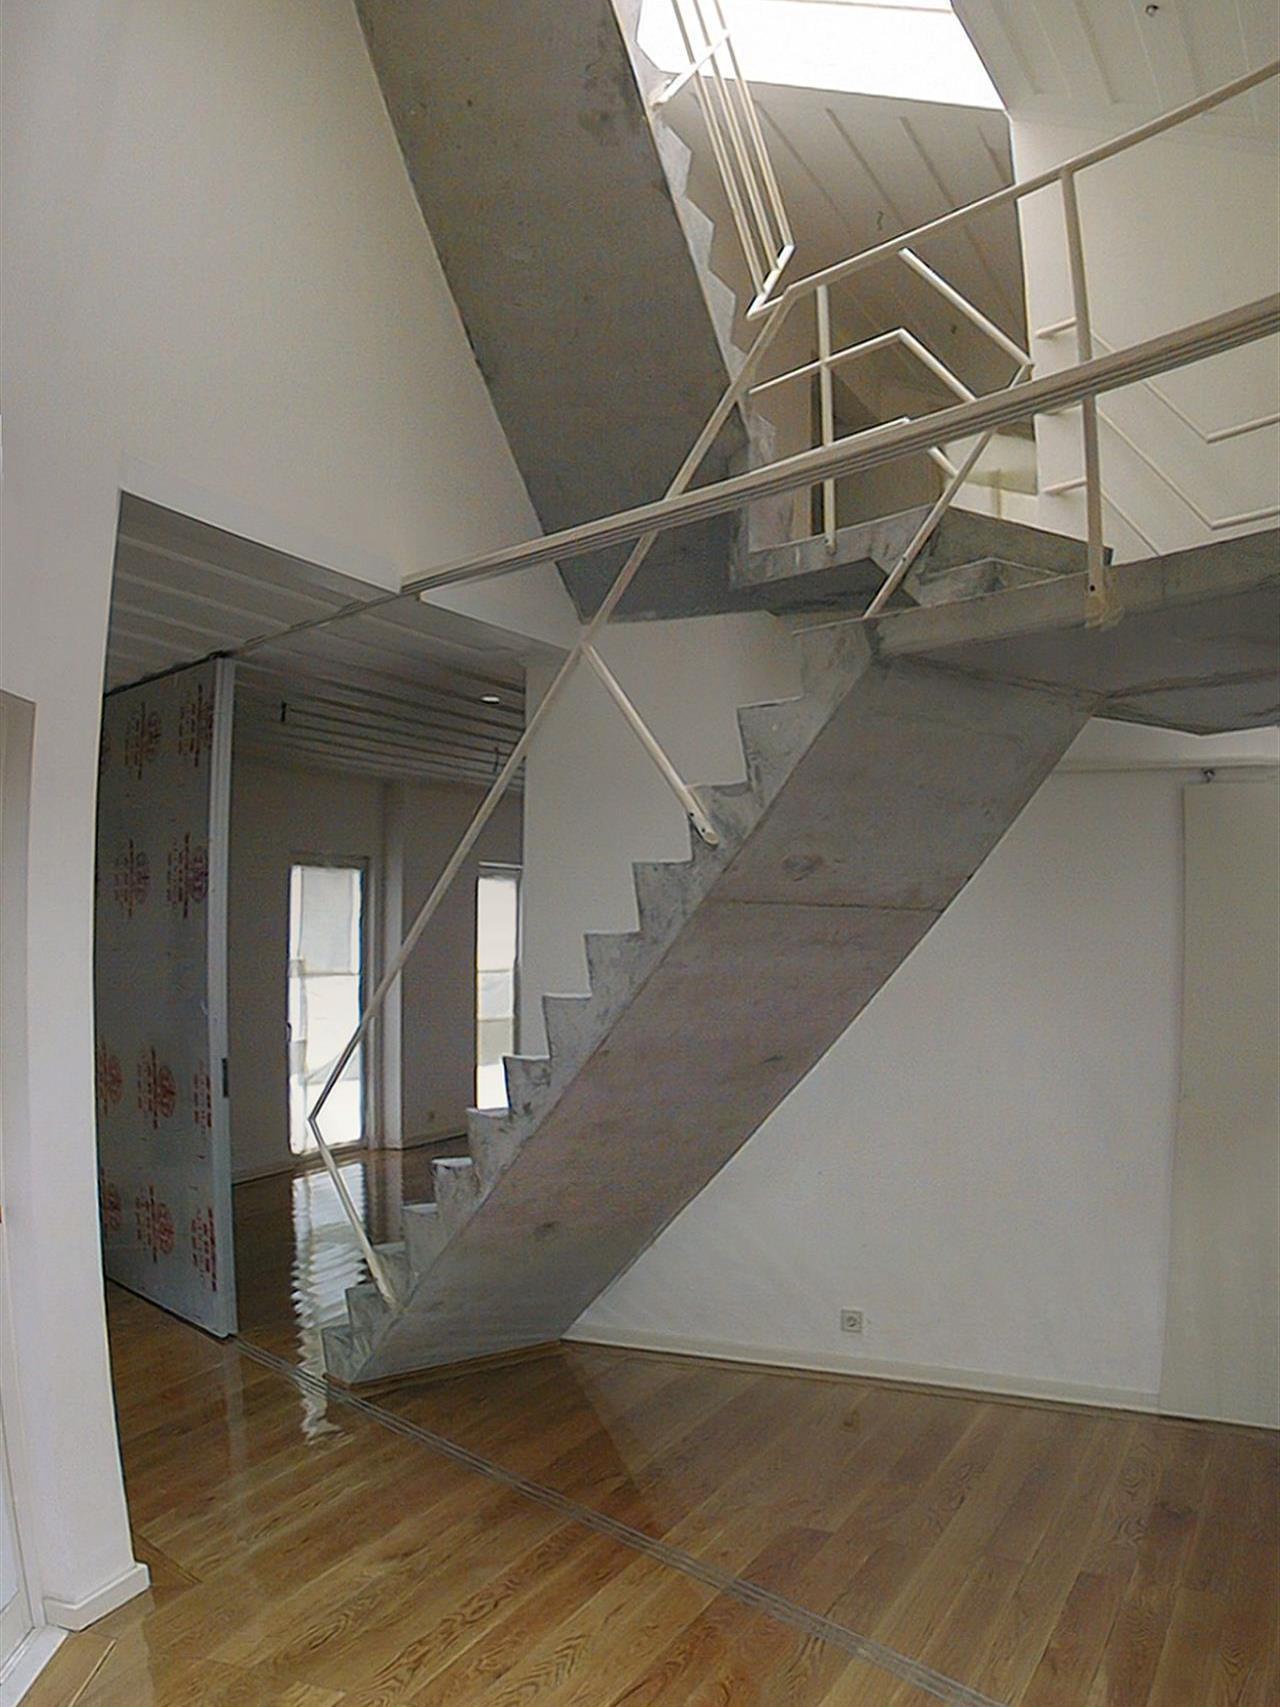 단독 가정 주택 용 매매 에 House, 3 bedrooms, for Sale Torres Vedras, 리스보아 포르투갈